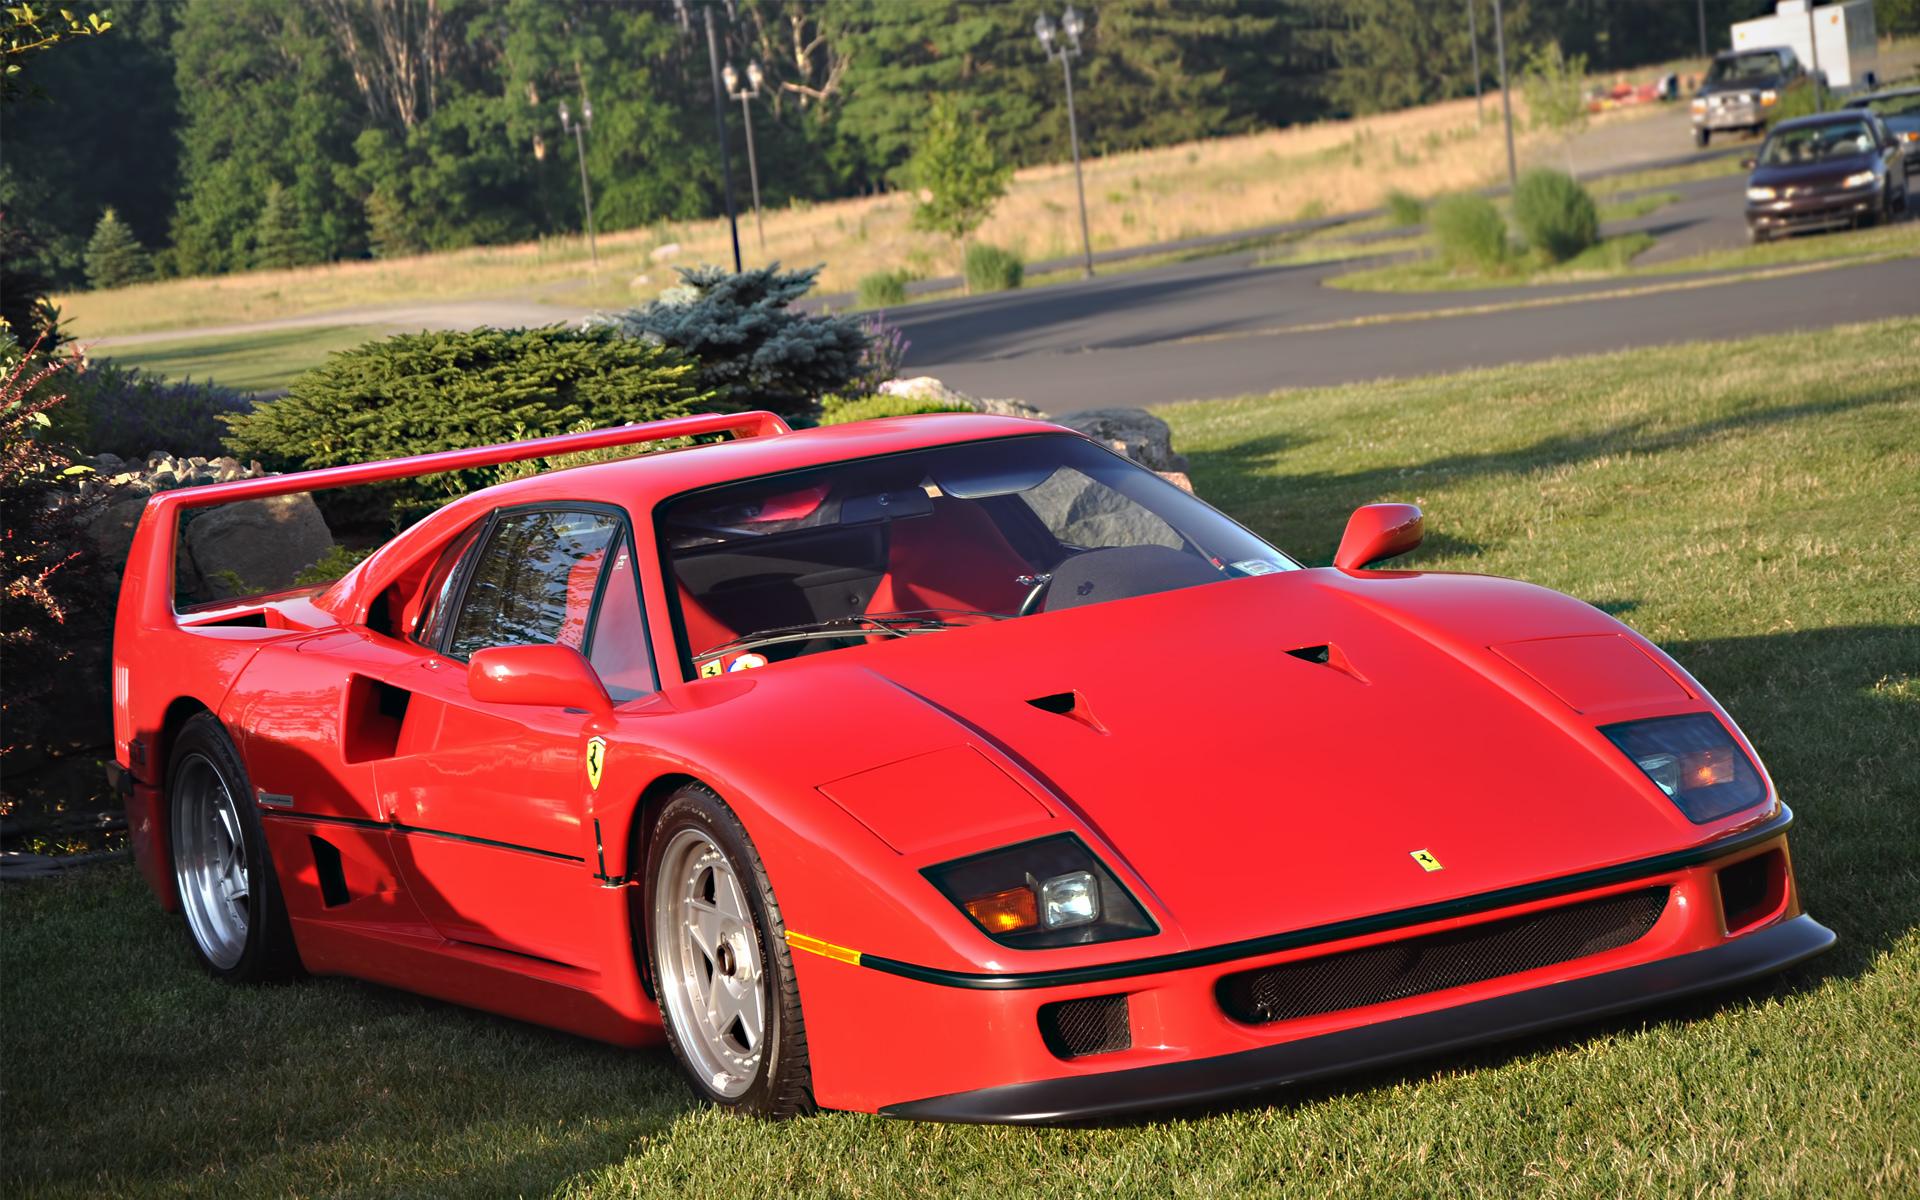 56 Fondos de pantalla de Ferrari Wallpaperrs HD de coches